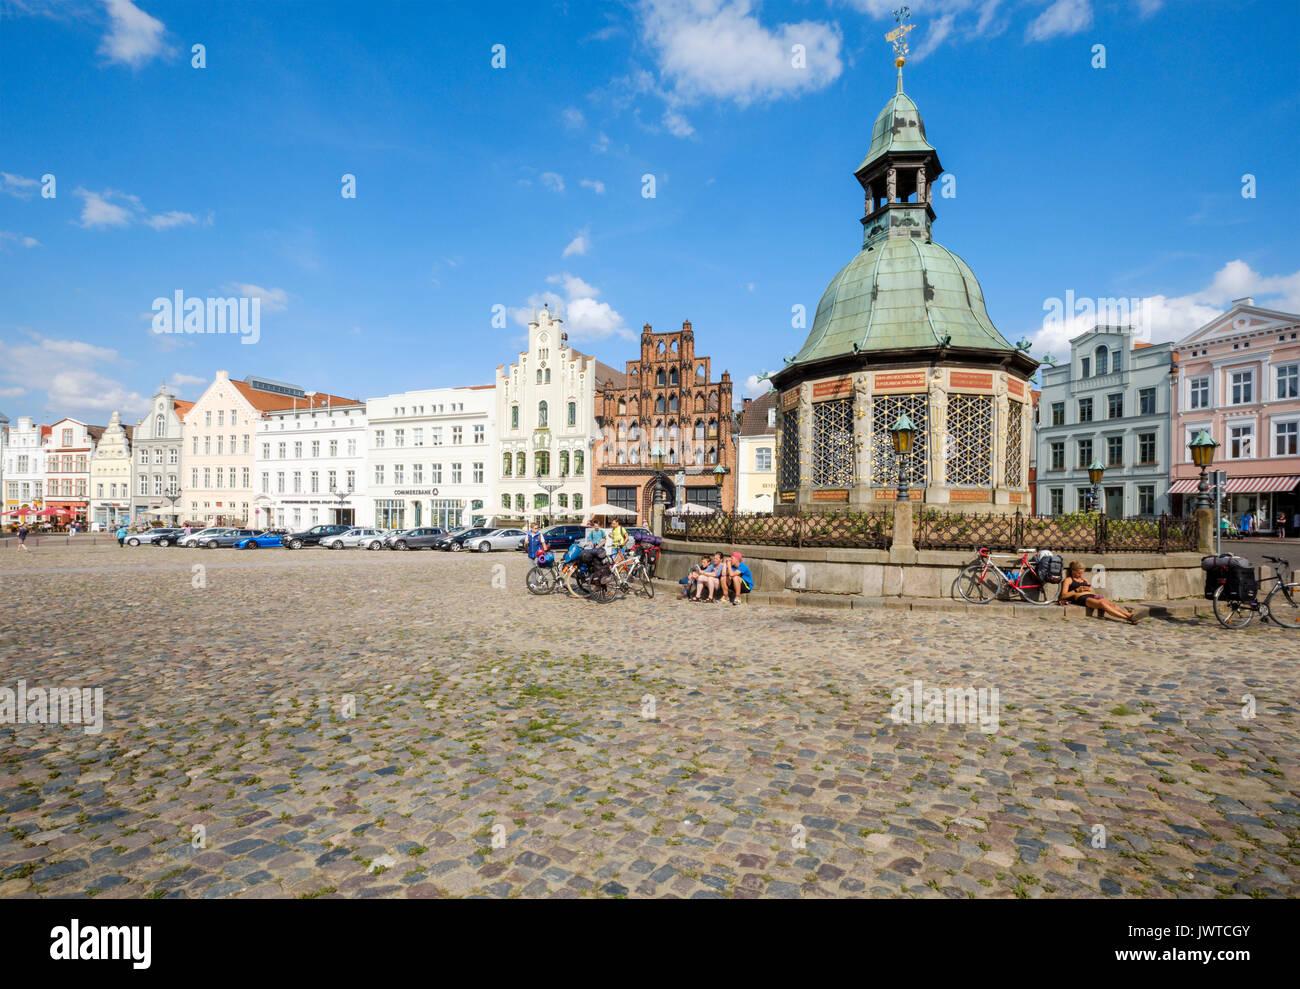 Market Square, Am Markt with the Wasserkunst fountain, Wismar, Mecklenburg-Vorpommern, Germany - Stock Image